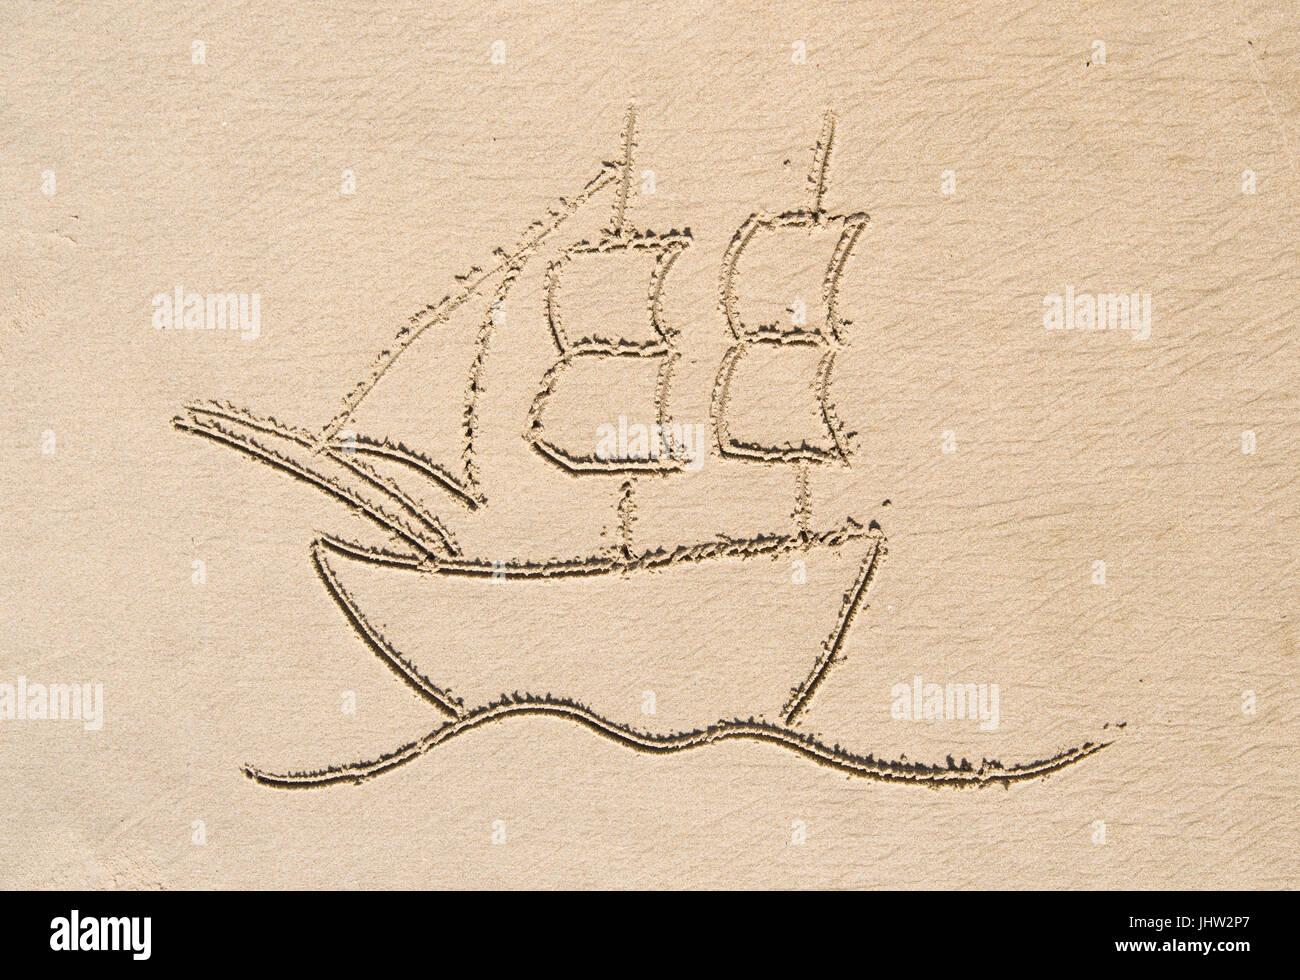 Simple Dessin Dans Le Sable Sur La Plage De Voilier Bateau Photo Stock Alamy